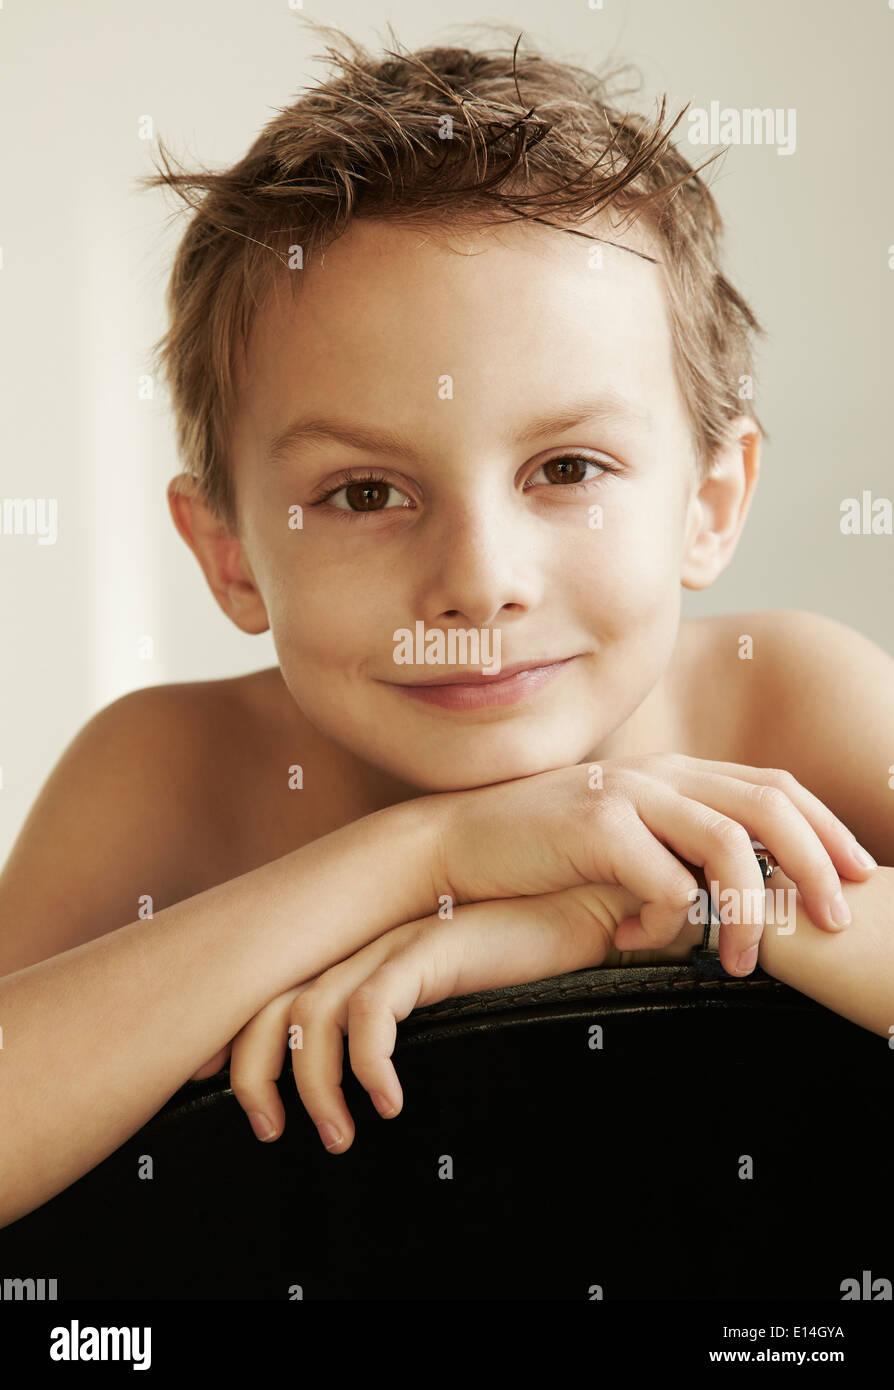 Ritratto di un 7-8 anni vecchio ragazzo appoggiandosi con le mani e la testa sul retro di una sedia Immagini Stock